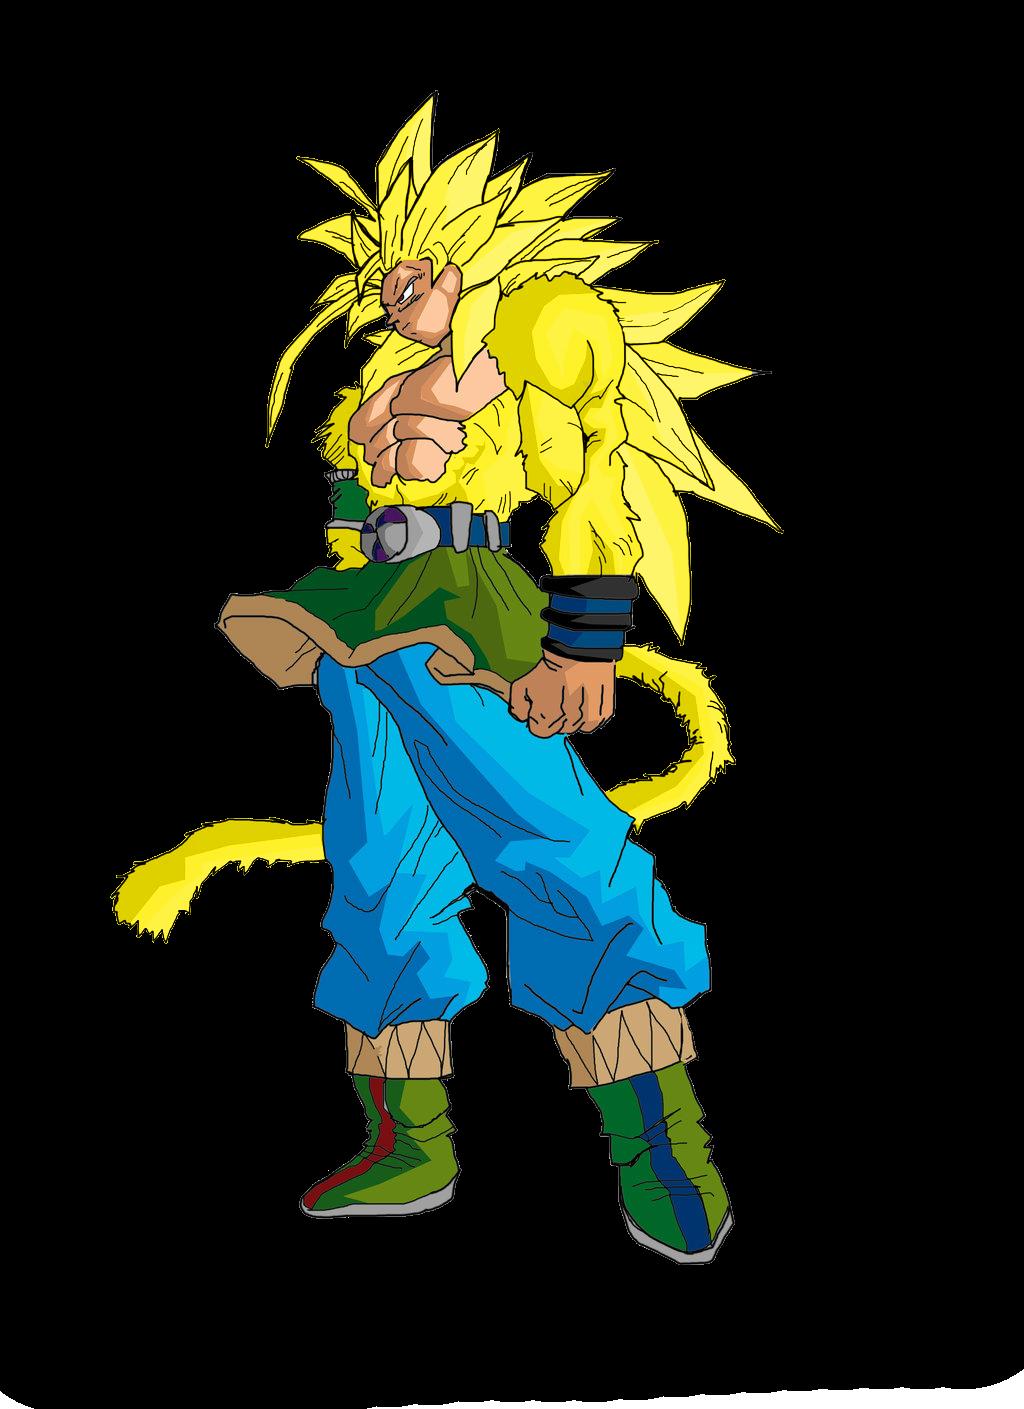 Super saiyan 5 ultra dragon ball wiki - Super sayen 5 ...